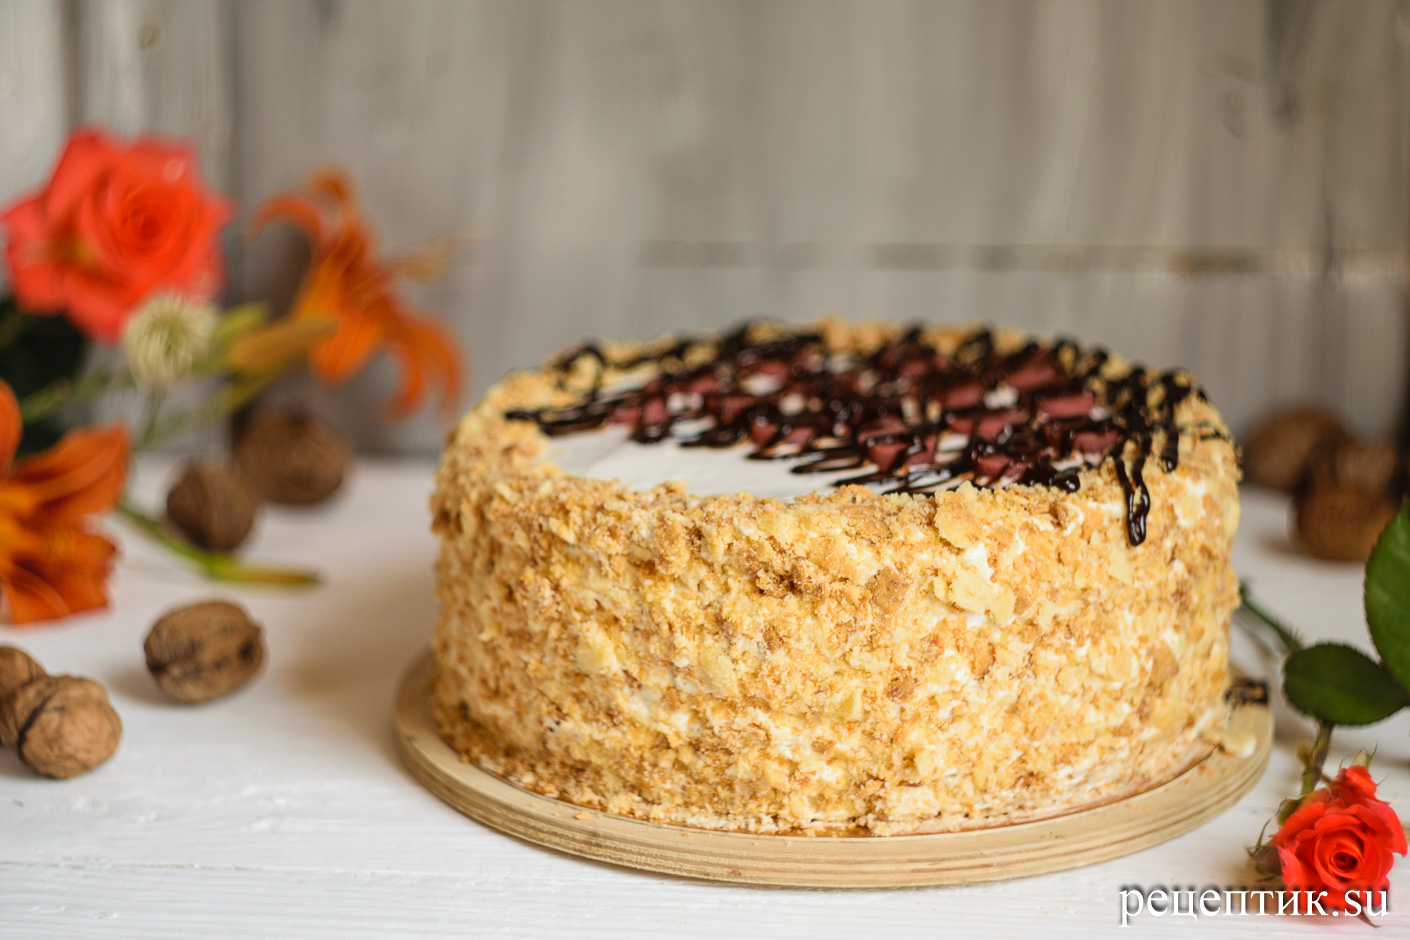 Карамельно-ореховый наполеон со сметанным кремом - рецепт с фото